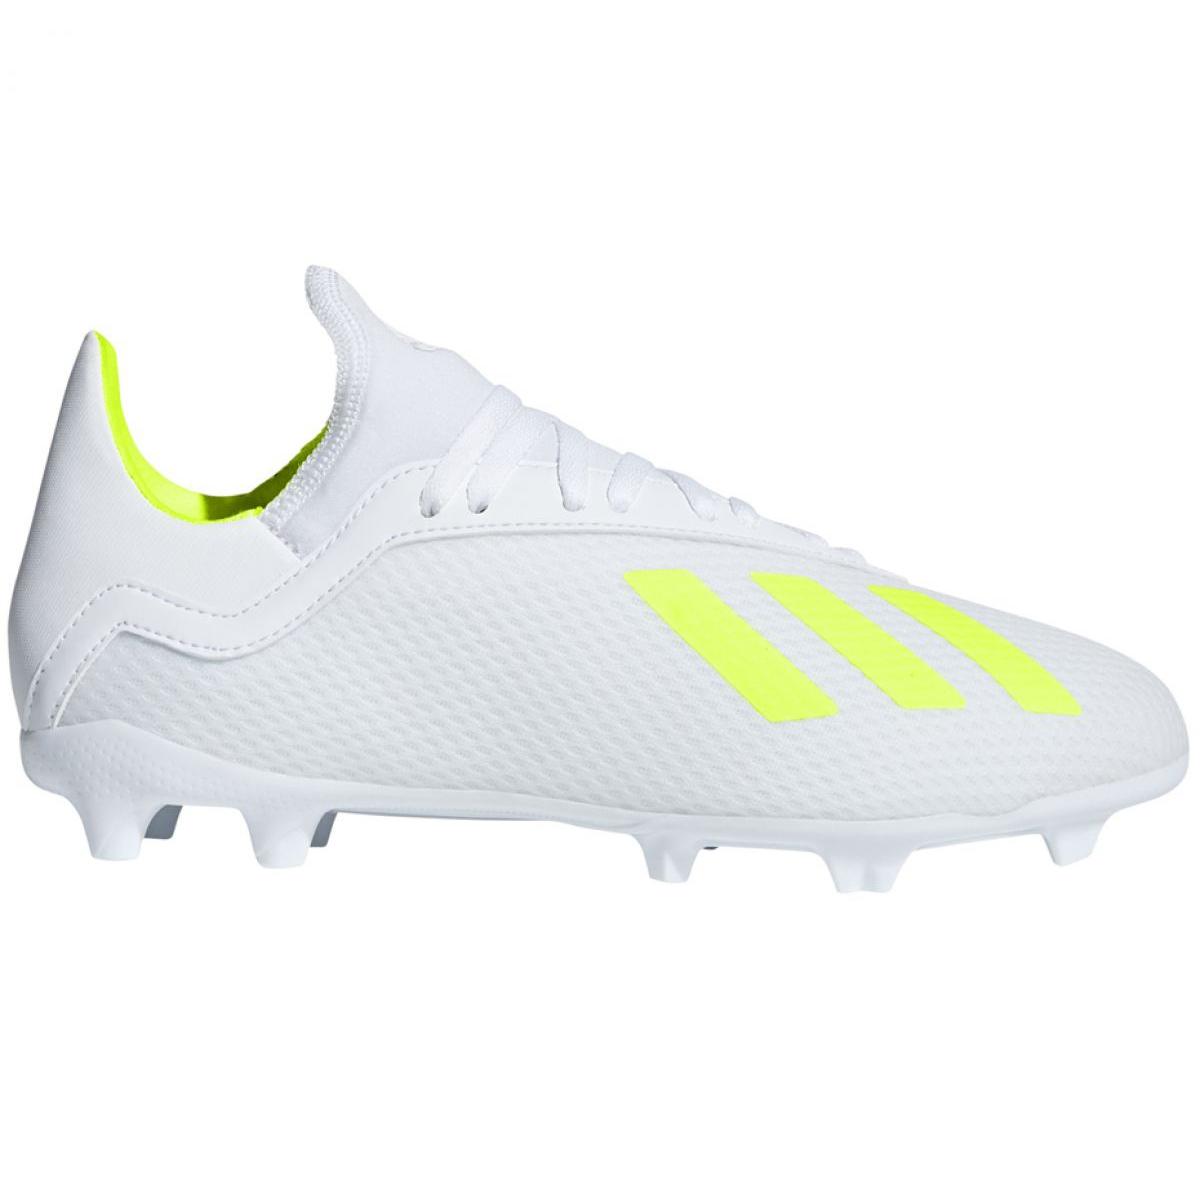 Football shoes adidas X 18.3 Fg Jr BB9372 white multicolored